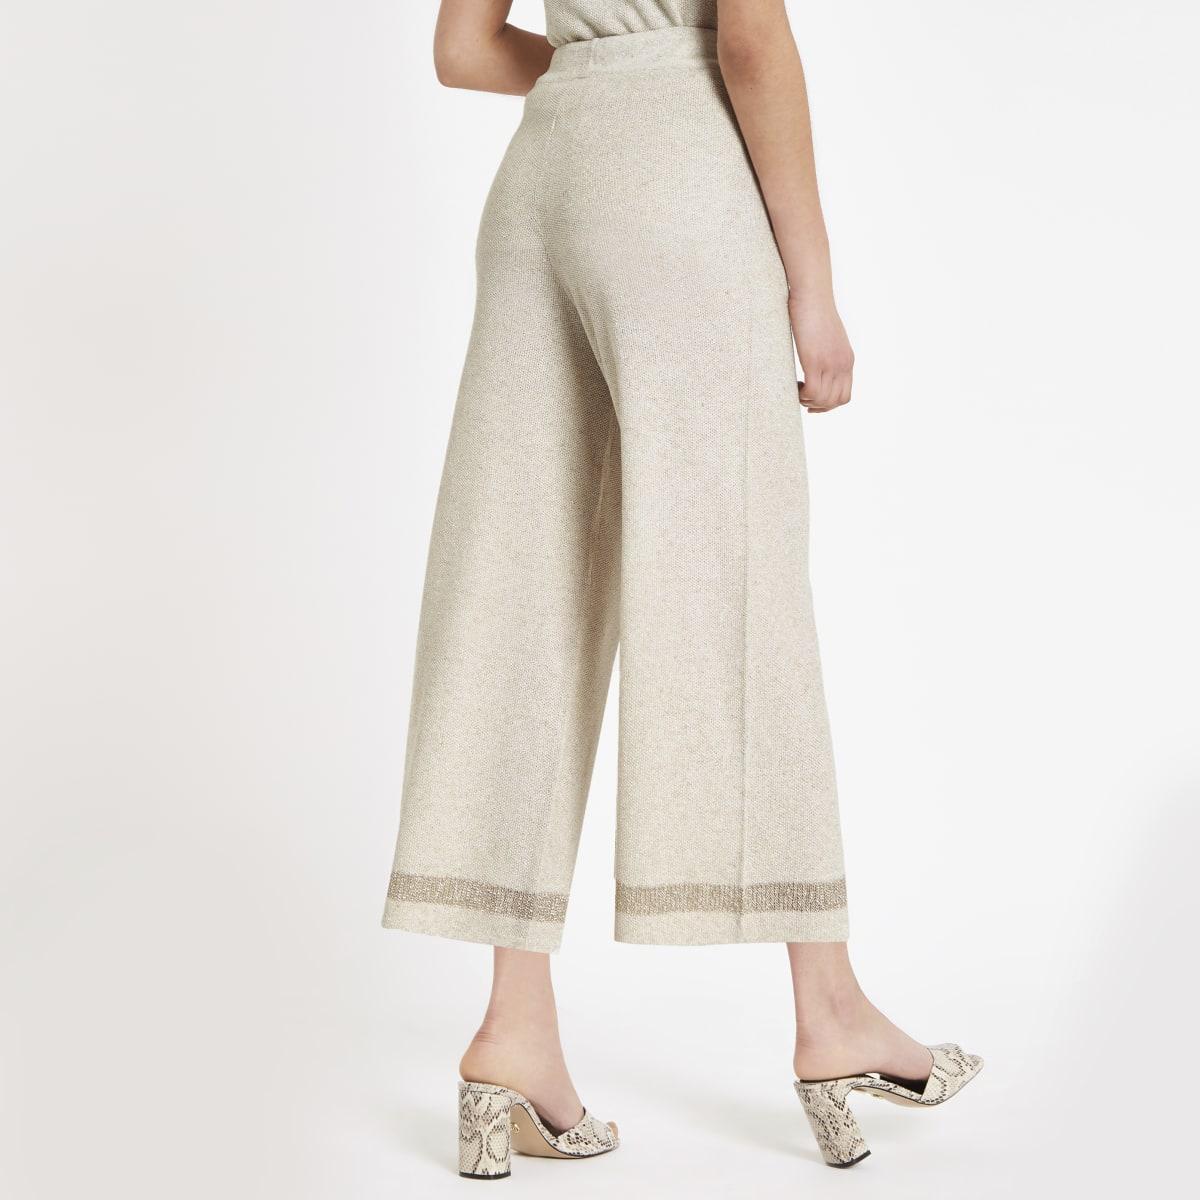 Jupe-culotte large beige à paillettes